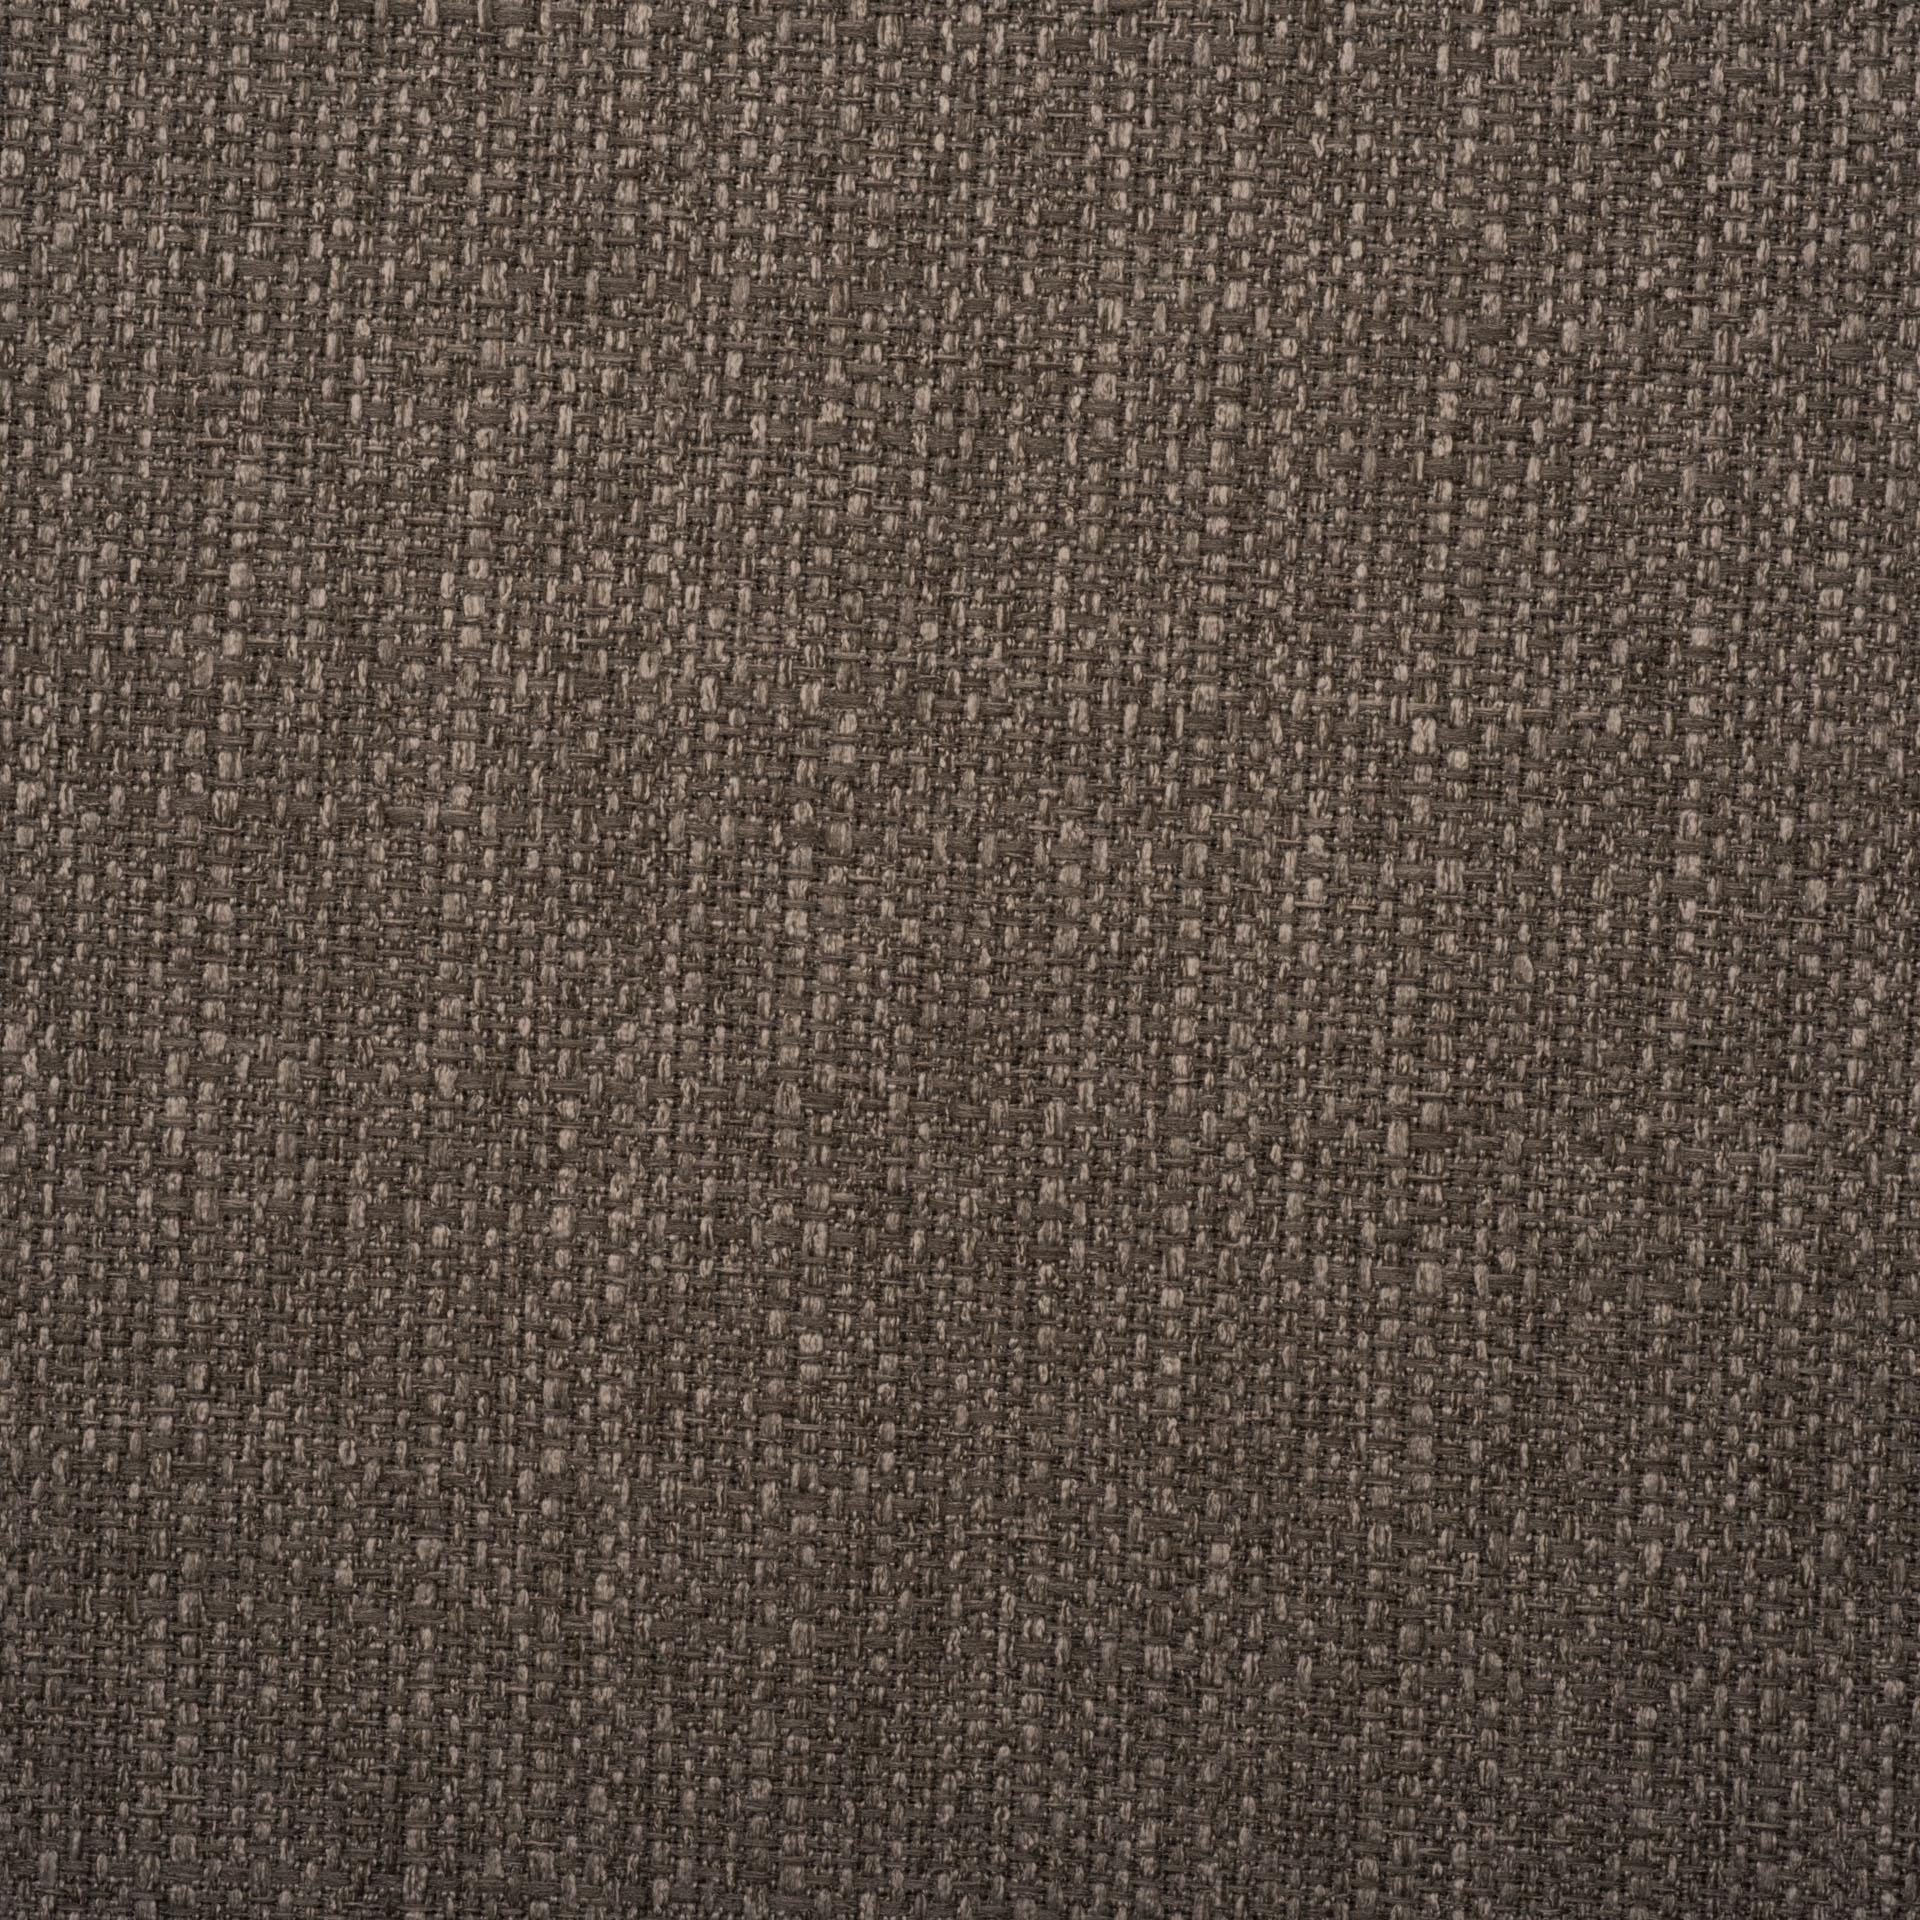 Коллекция ткани Портленд GREY 91,  купить ткань Рогожка для мебели Украина